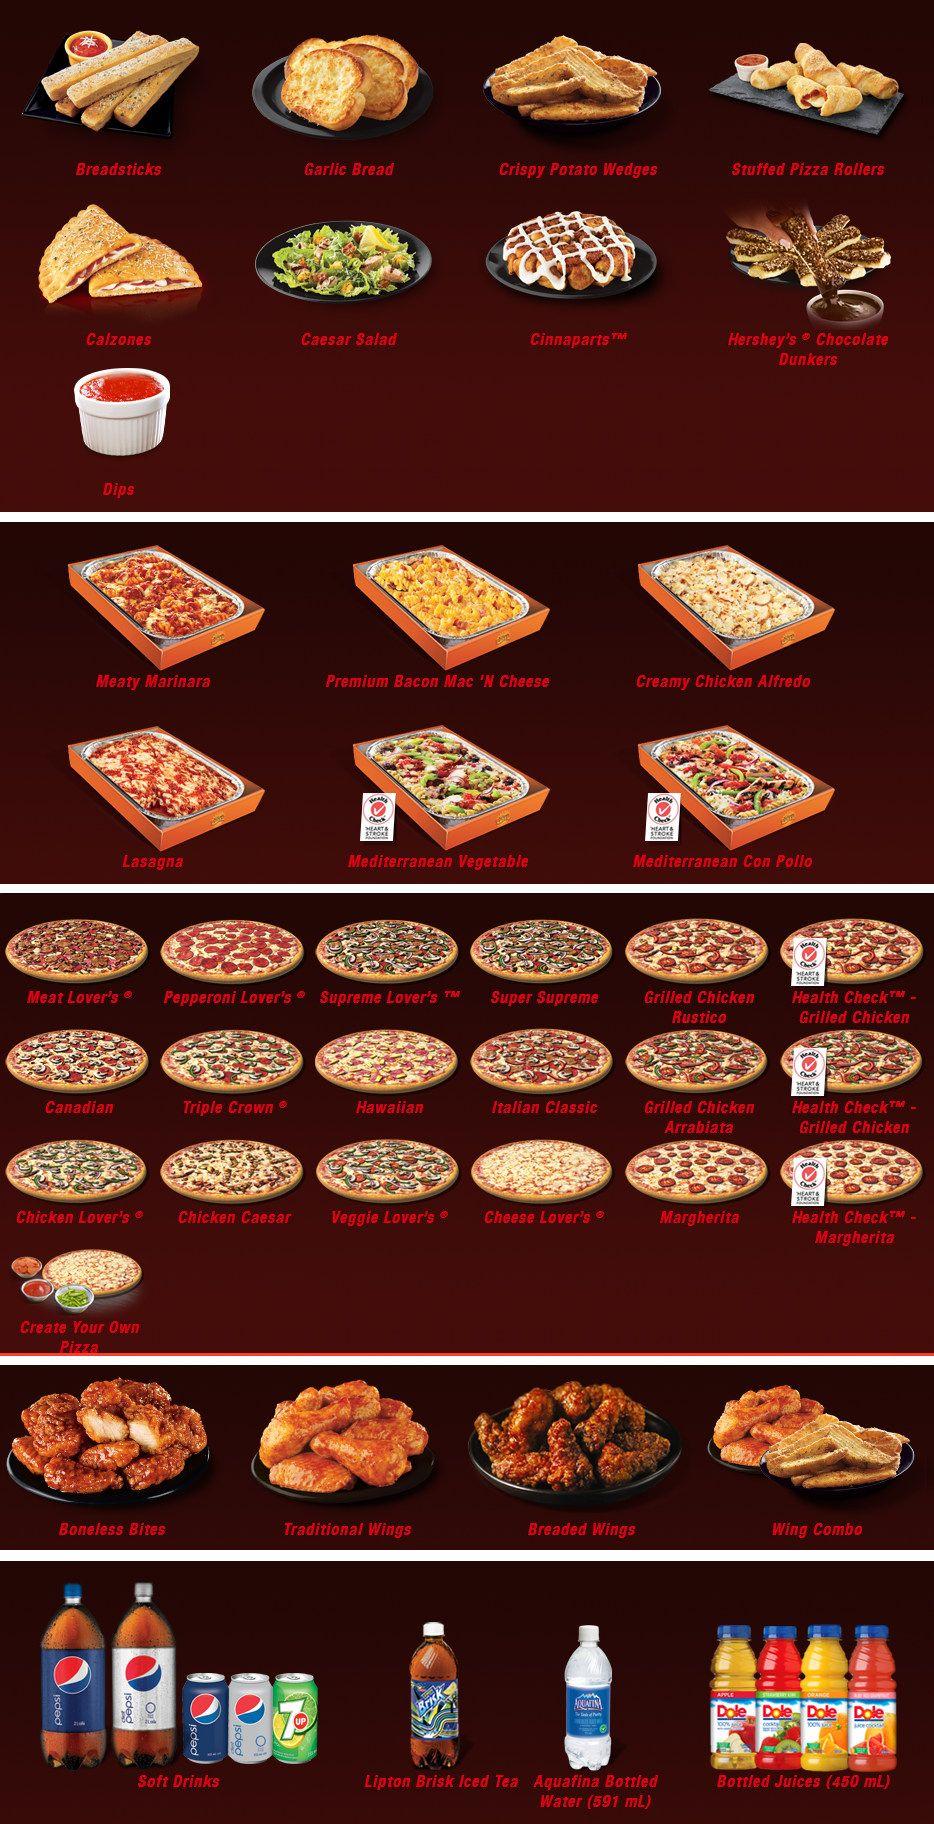 Pizza Hut Menu Fast Food Menu Pizza Hut Menu Pizza Hut